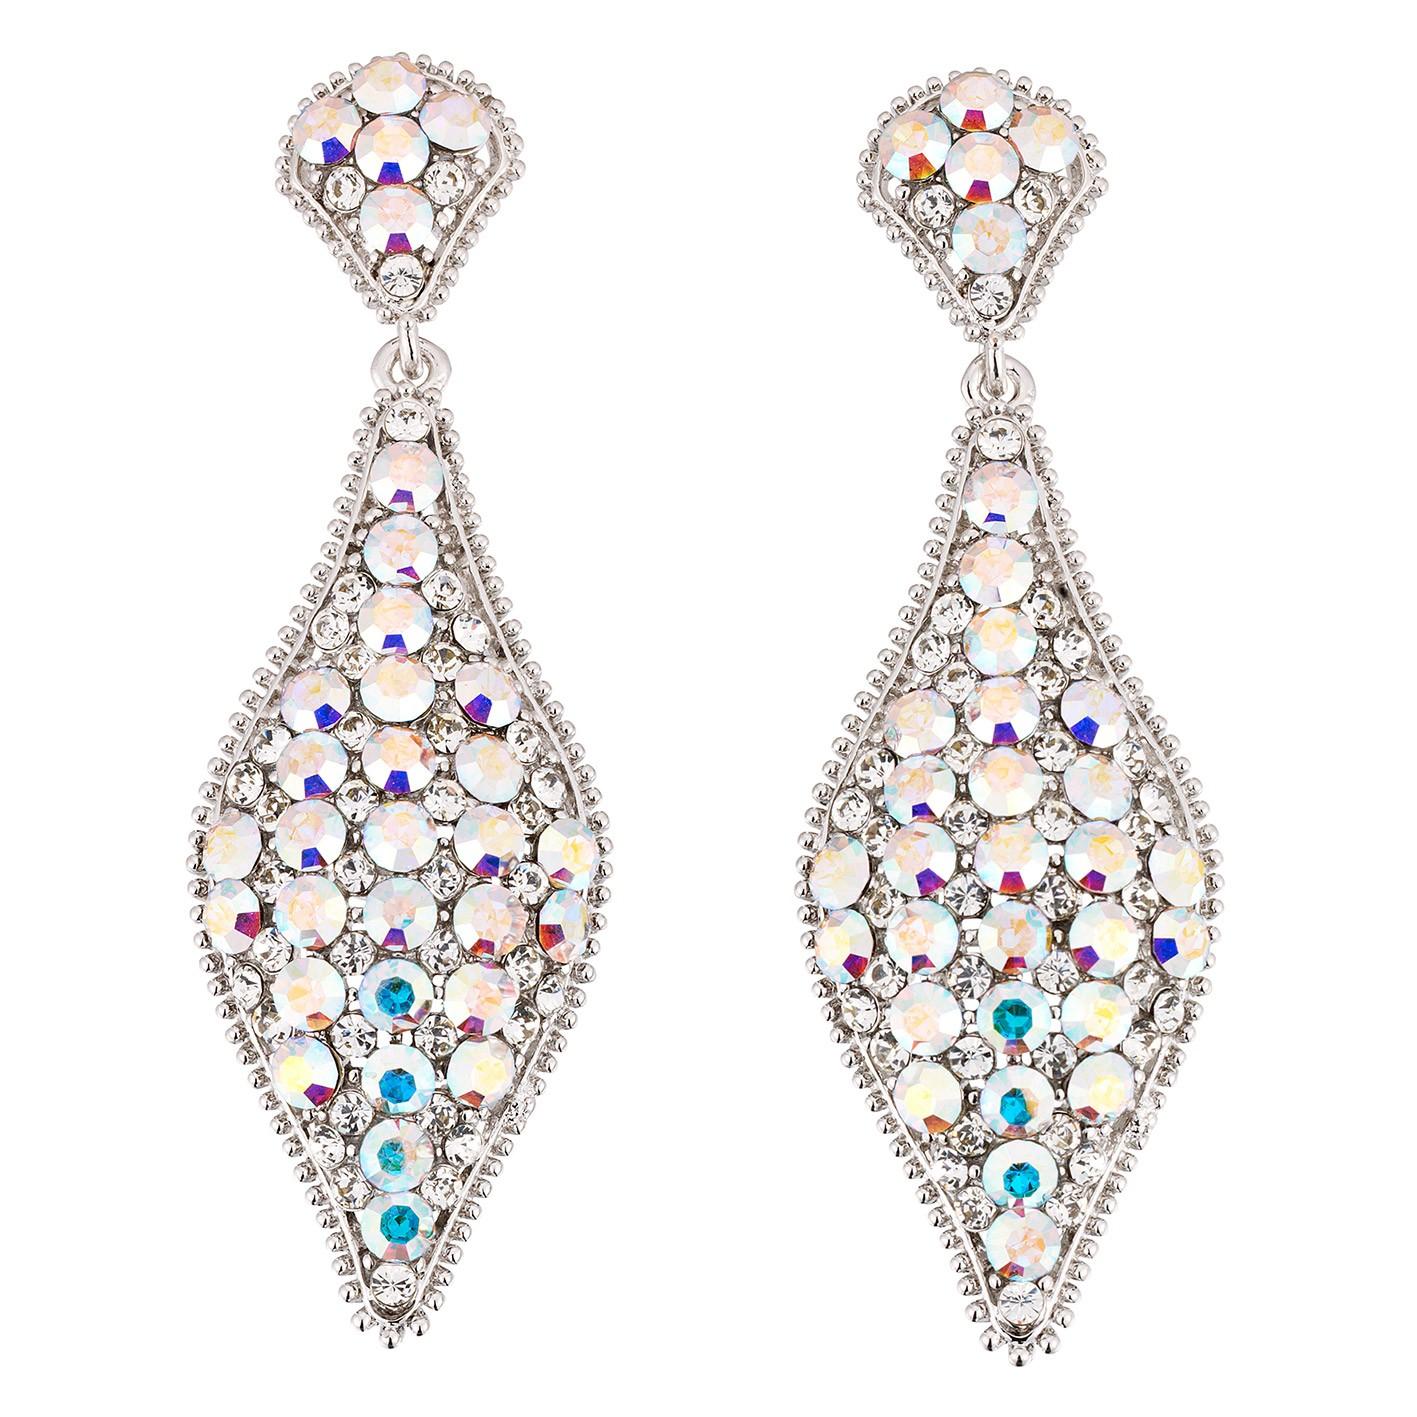 df1ce4ebb Swarovski Crystal Beauty Pageant, Swarovski Crystal, AB Crystal ...